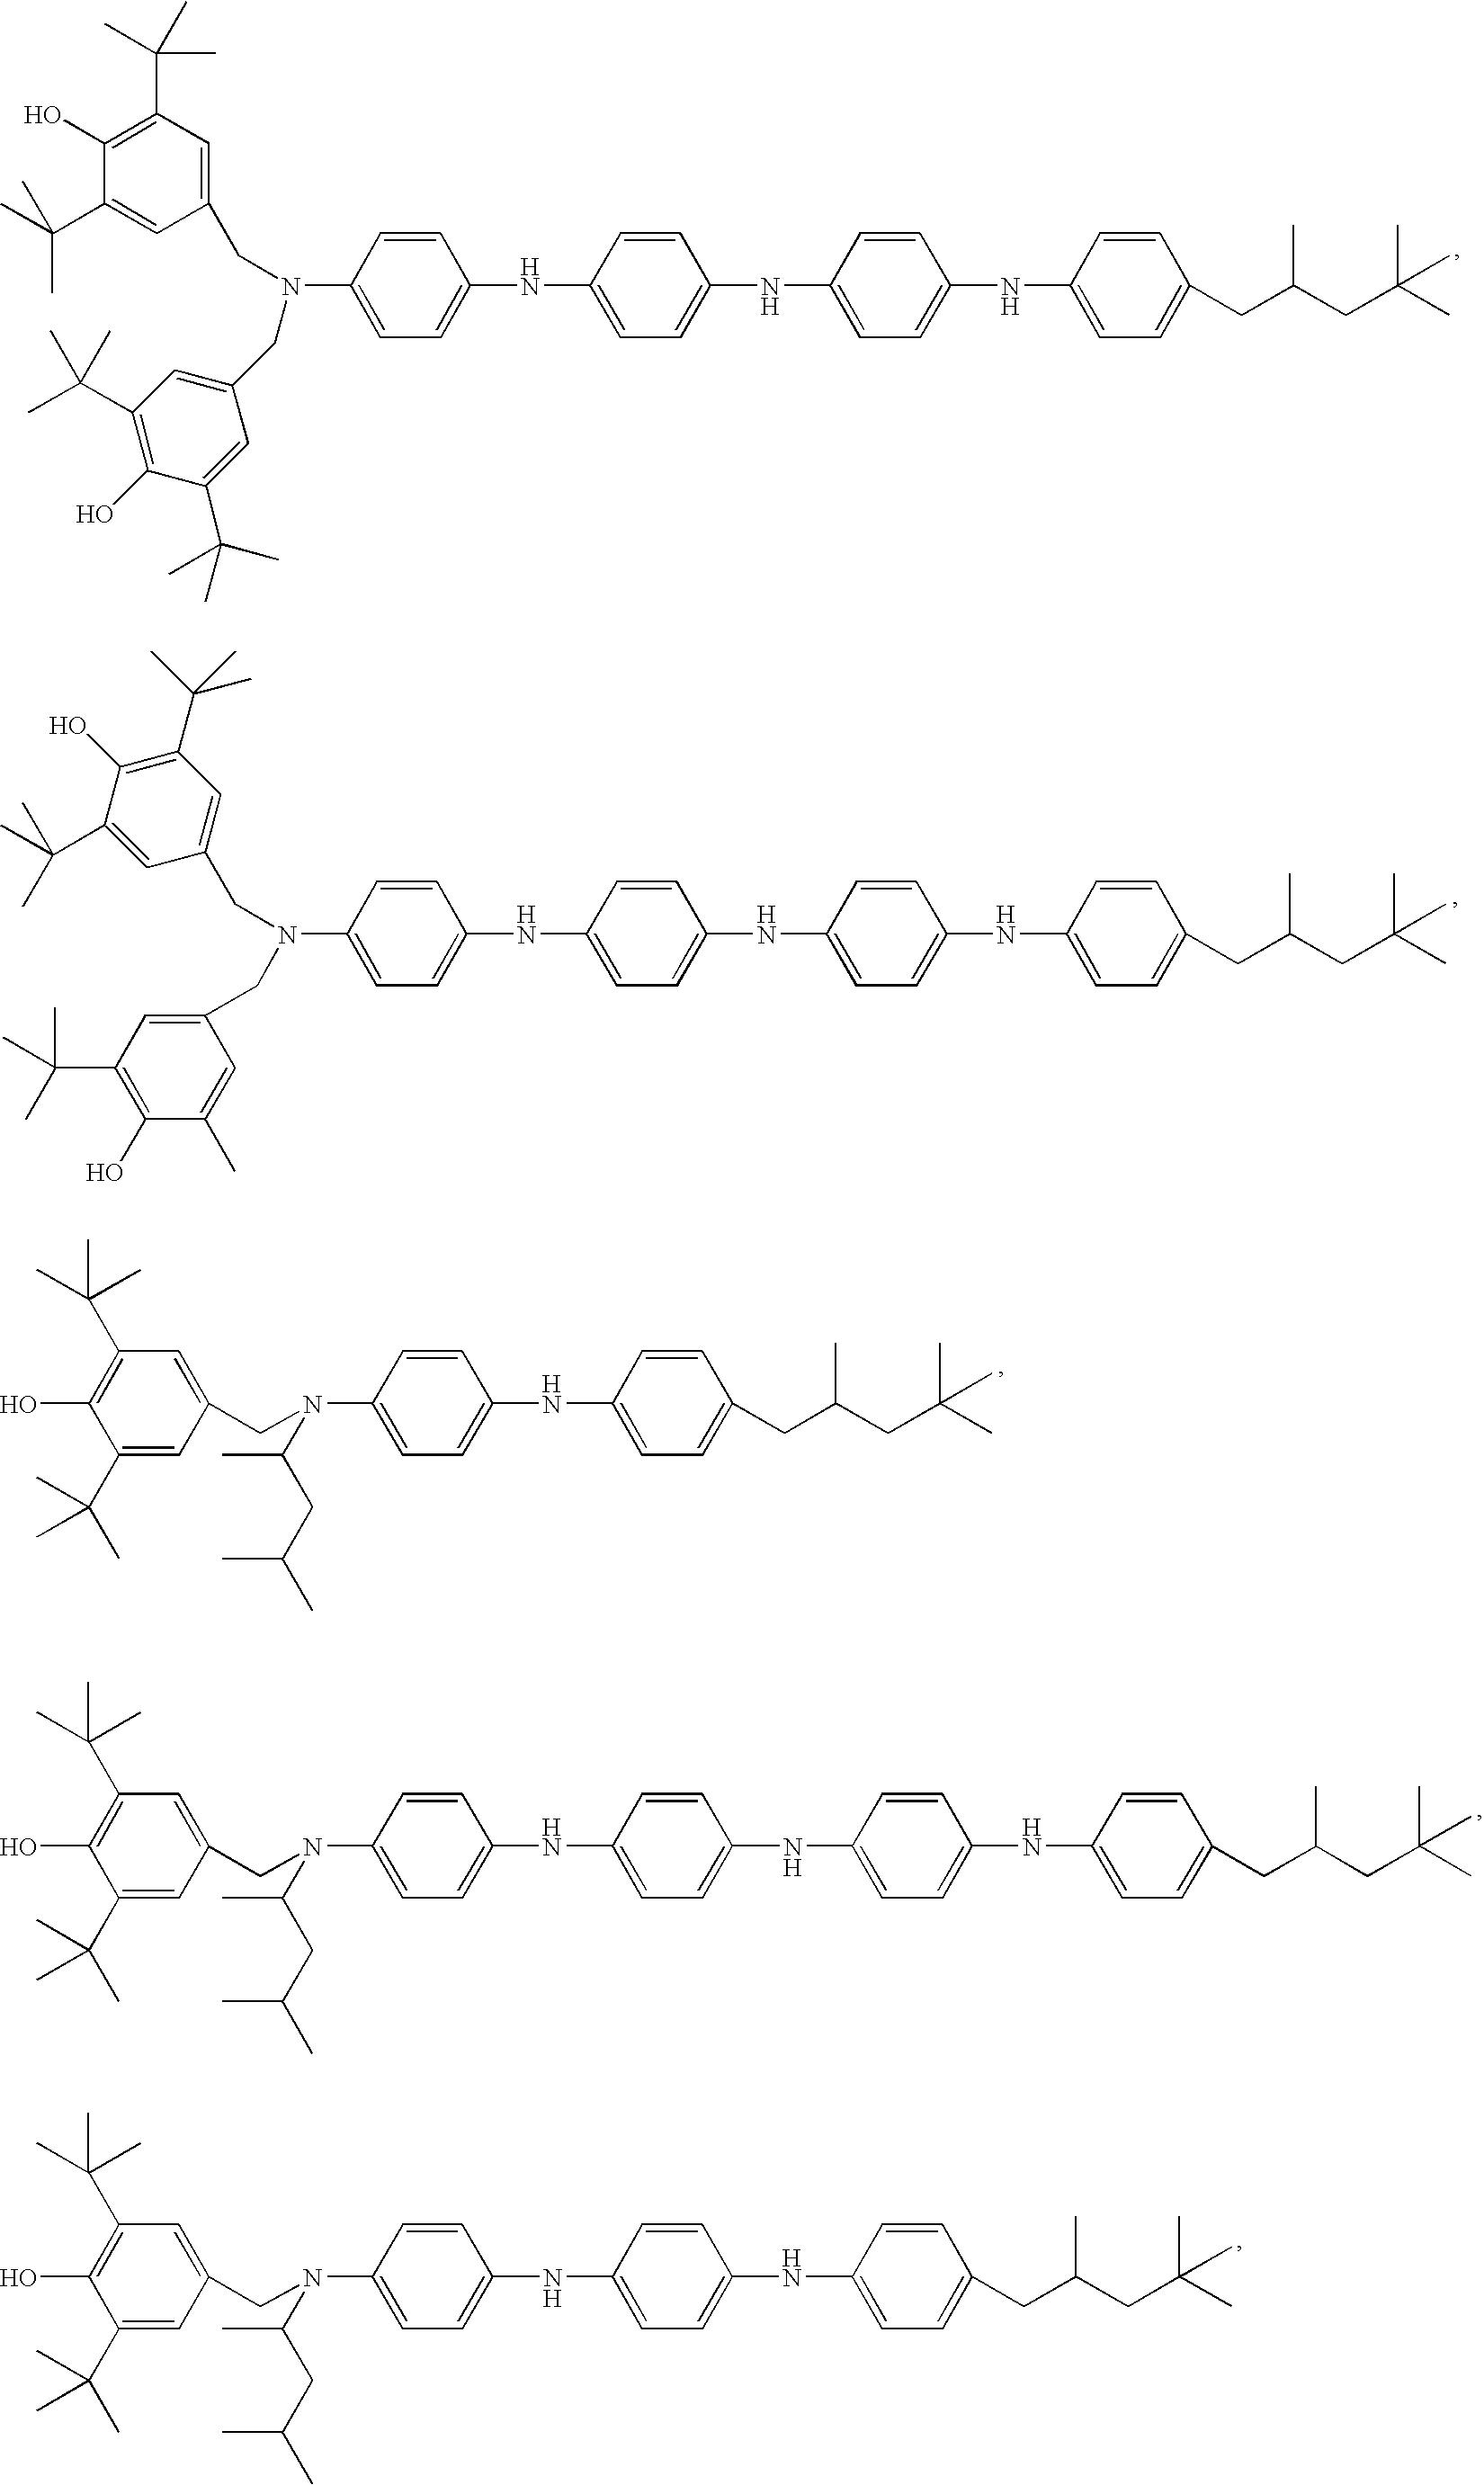 Figure US20080293856A1-20081127-C00063